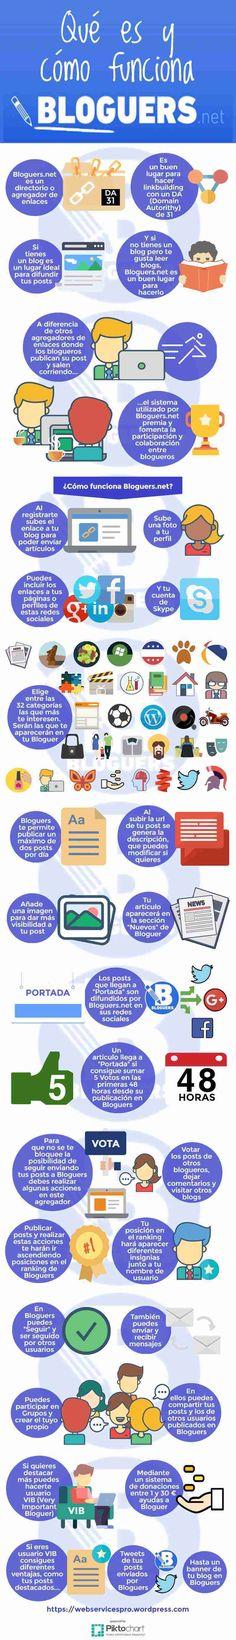 Bloguers.net puede resultarde de mucha utilidad para difundir los contenidos de tu blog. Entérate de cómo funciona